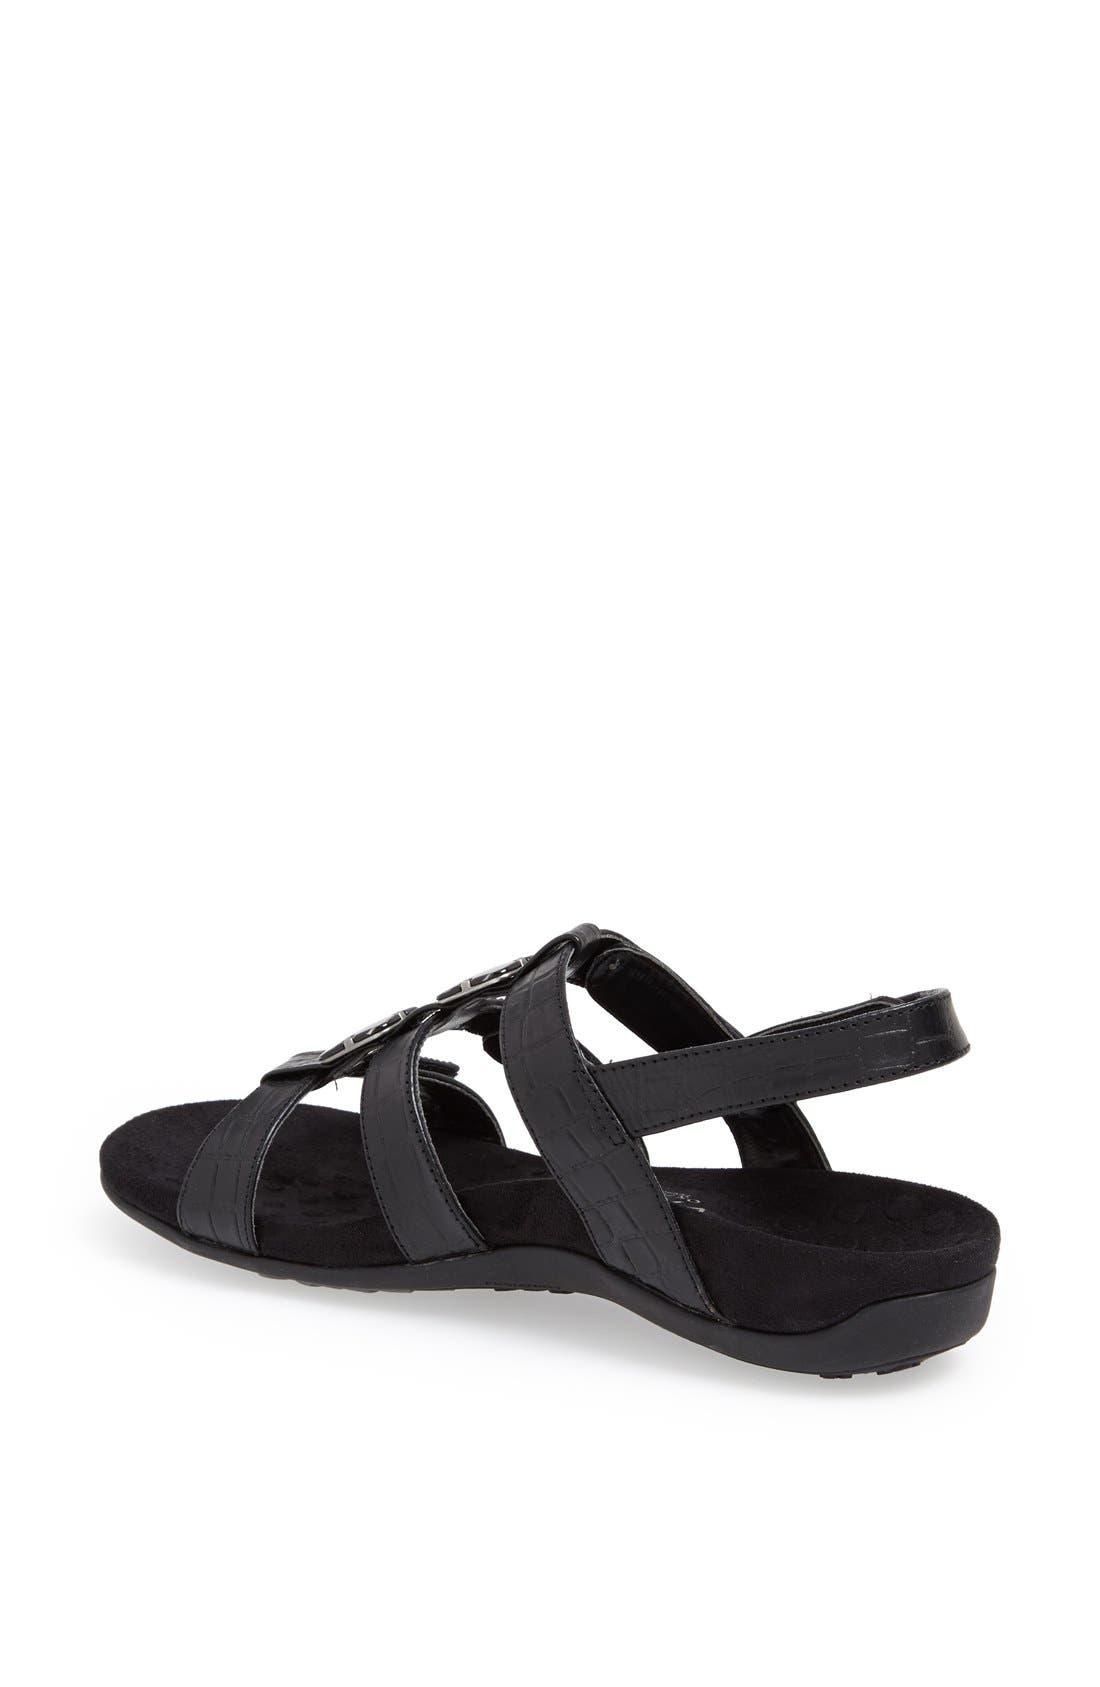 Alternate Image 2  - Vionic with Orthaheel® 'Amber' Adjustable Sandal